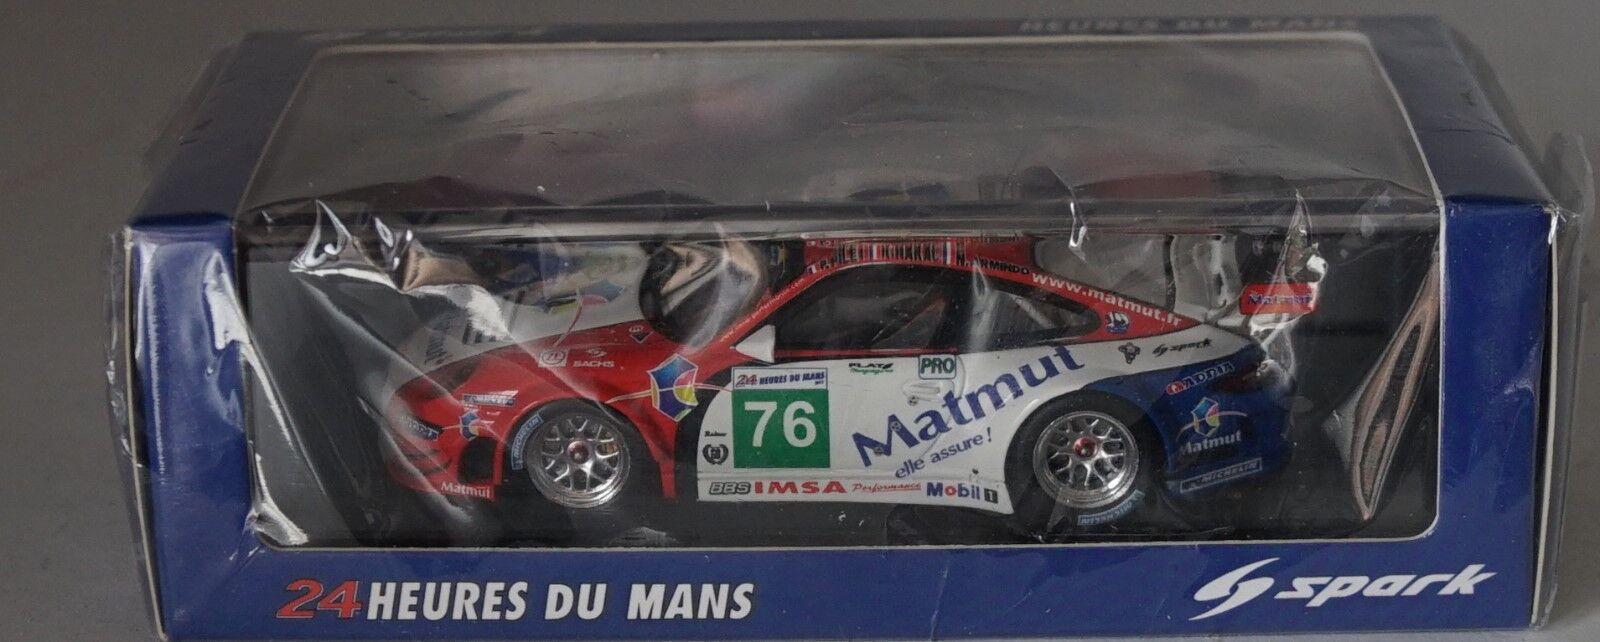 Spark S3417 Porsche 997 GT3 Rsr No. 76 Lemans 2011 in 1:43 Still Sigillato